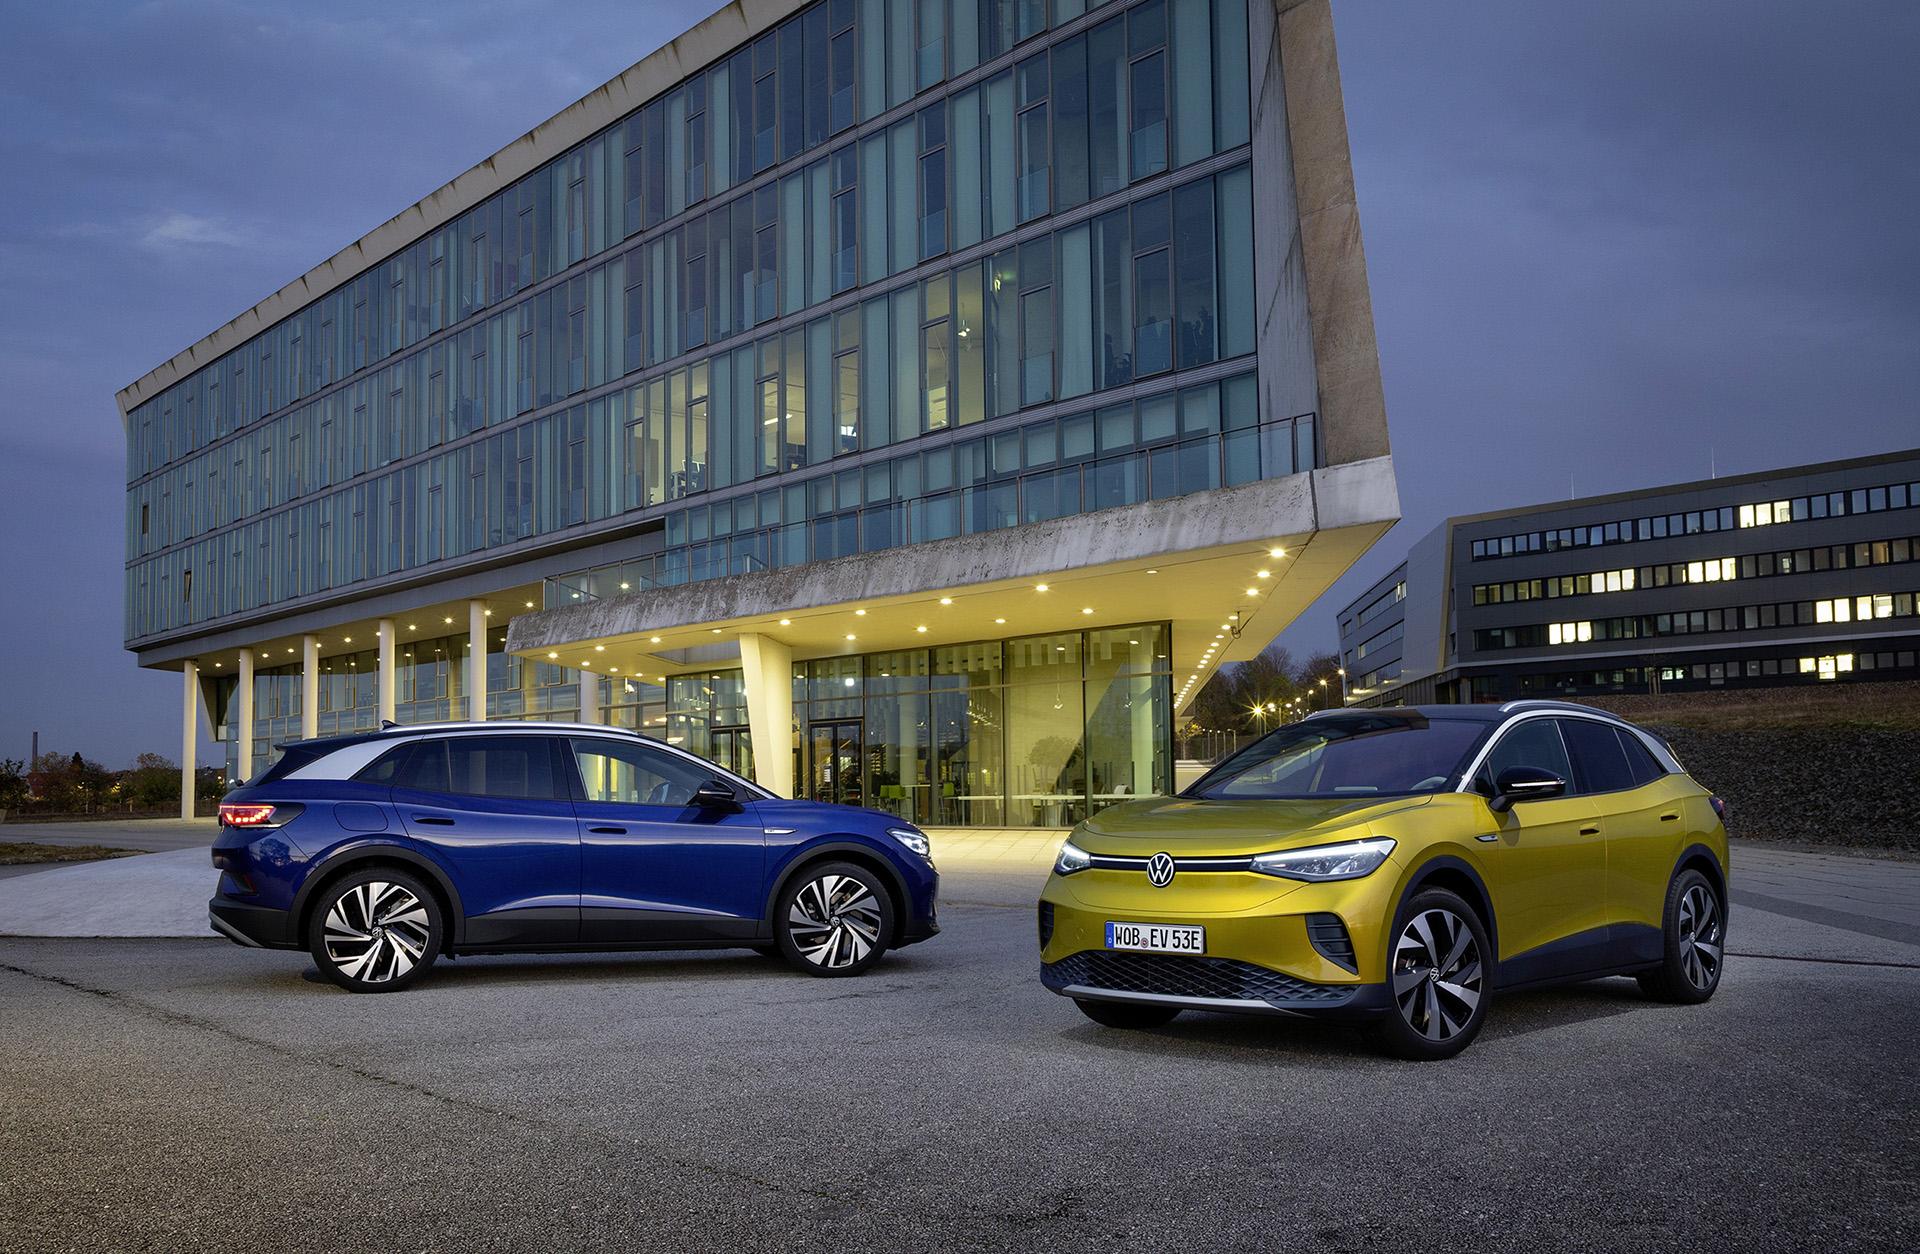 VW ID.4: Πόσο κοστίζει το ηλεκτρικό SUV της VW στη χώρα μας; [pics]